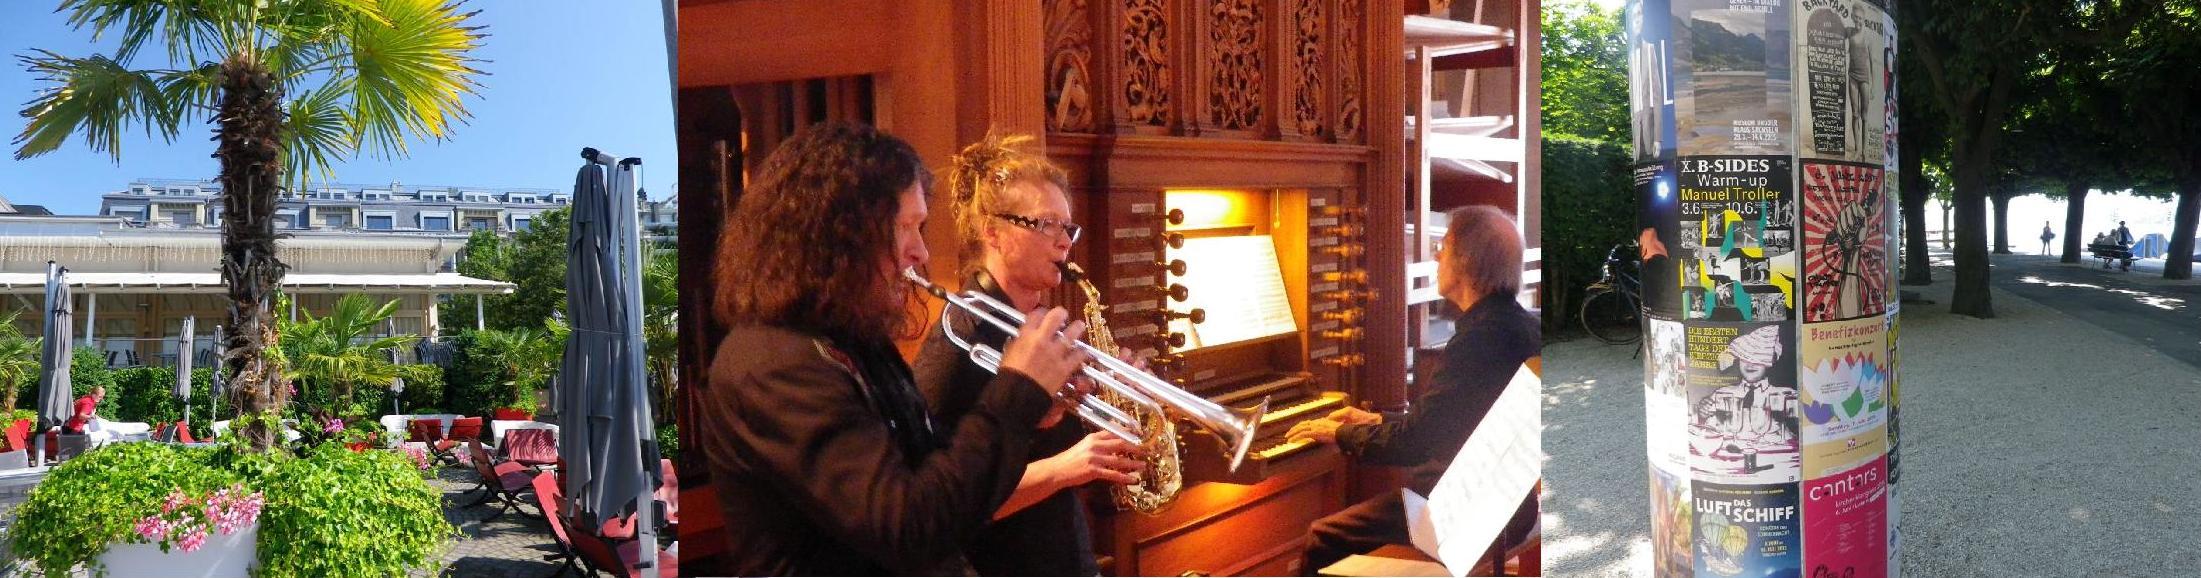 Trompete, Saxophon & Orgel-Konzert in Luzern